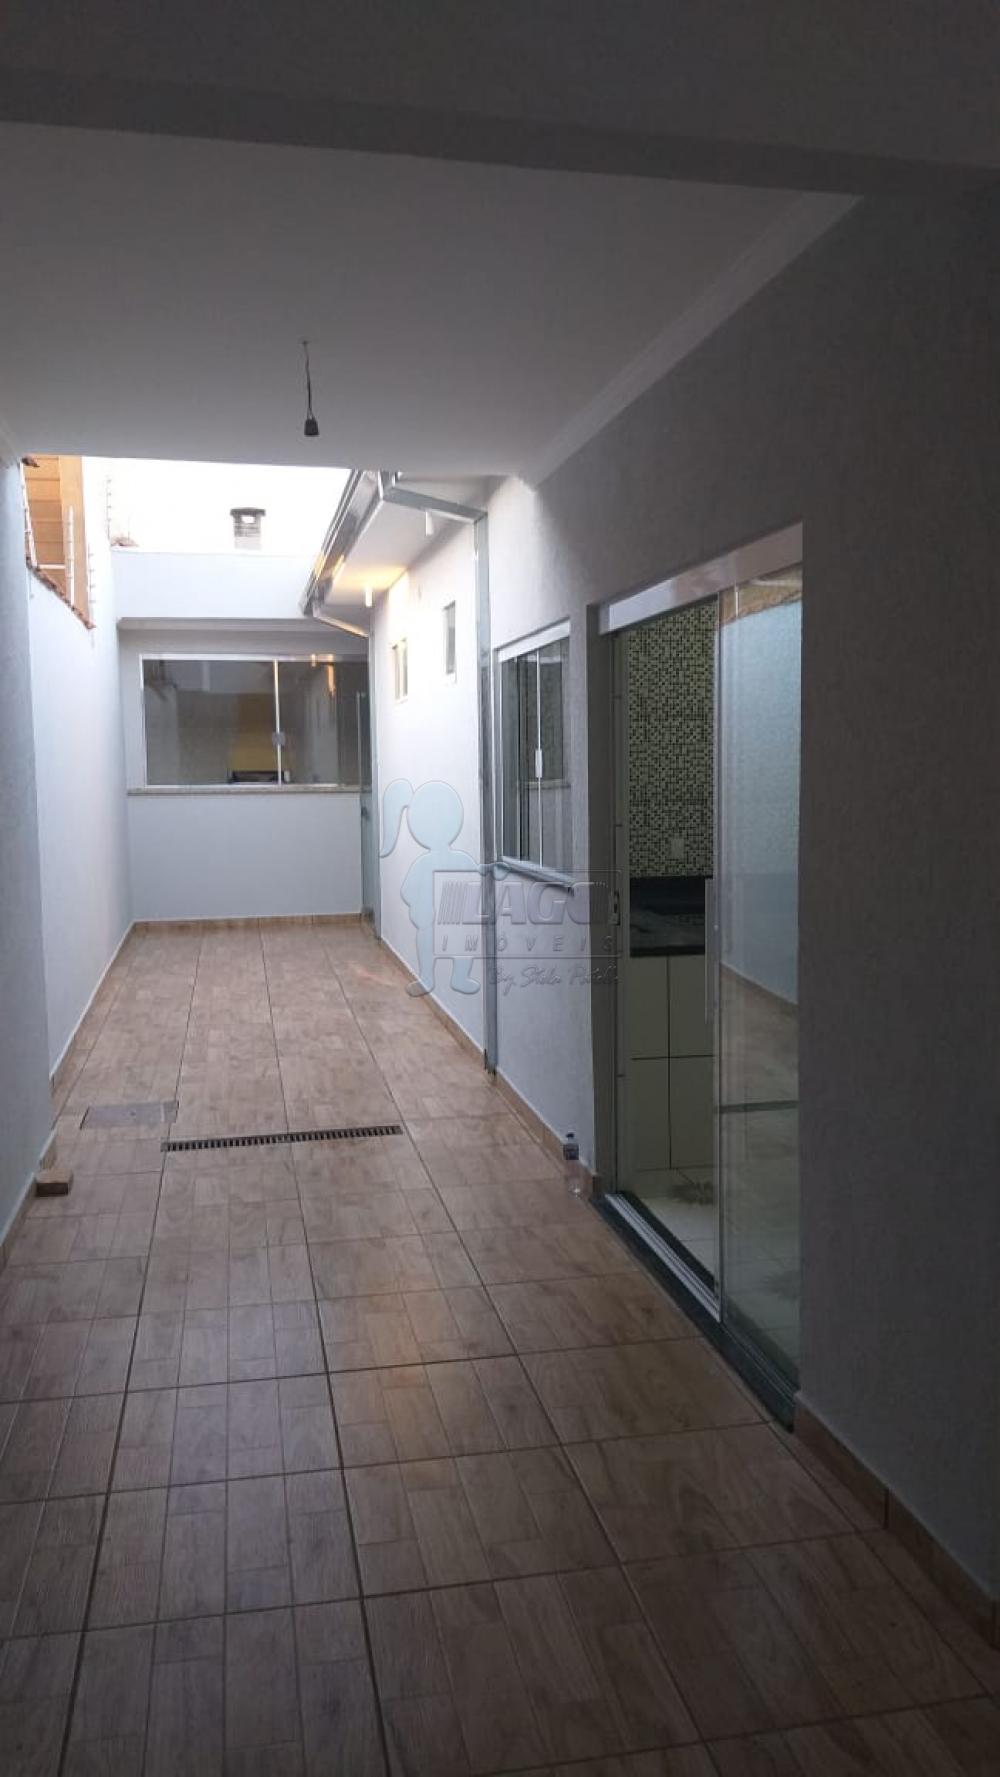 Comprar Casas / Padrão em Ribeirão Preto apenas R$ 220.000,00 - Foto 2